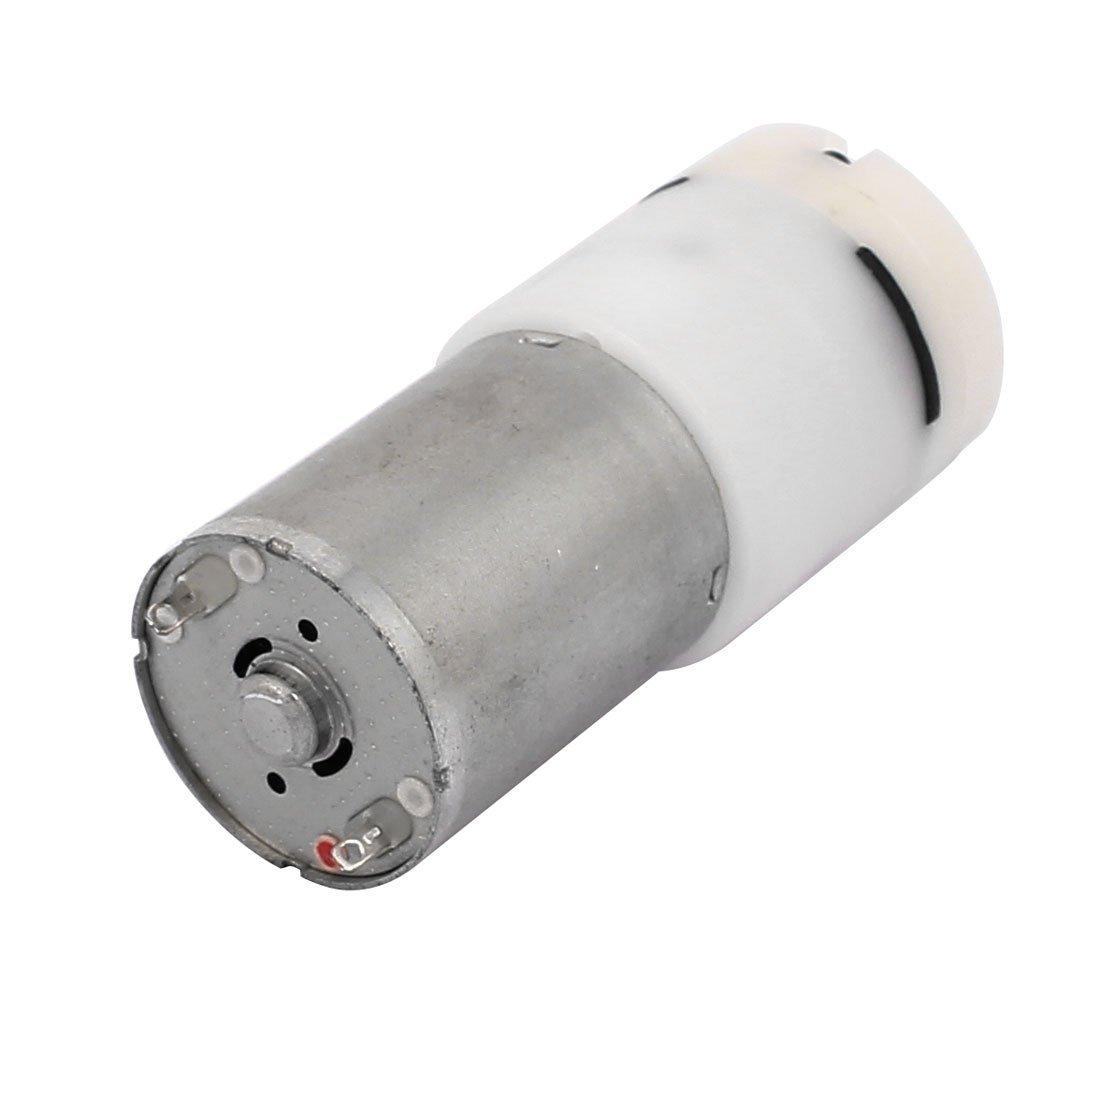 eDealMax DC 3.7V 700mA 2 mm intérieur Dia Tuyau Pompe à Vide Amorçage automatique Diaphragme Micro Pompe à air